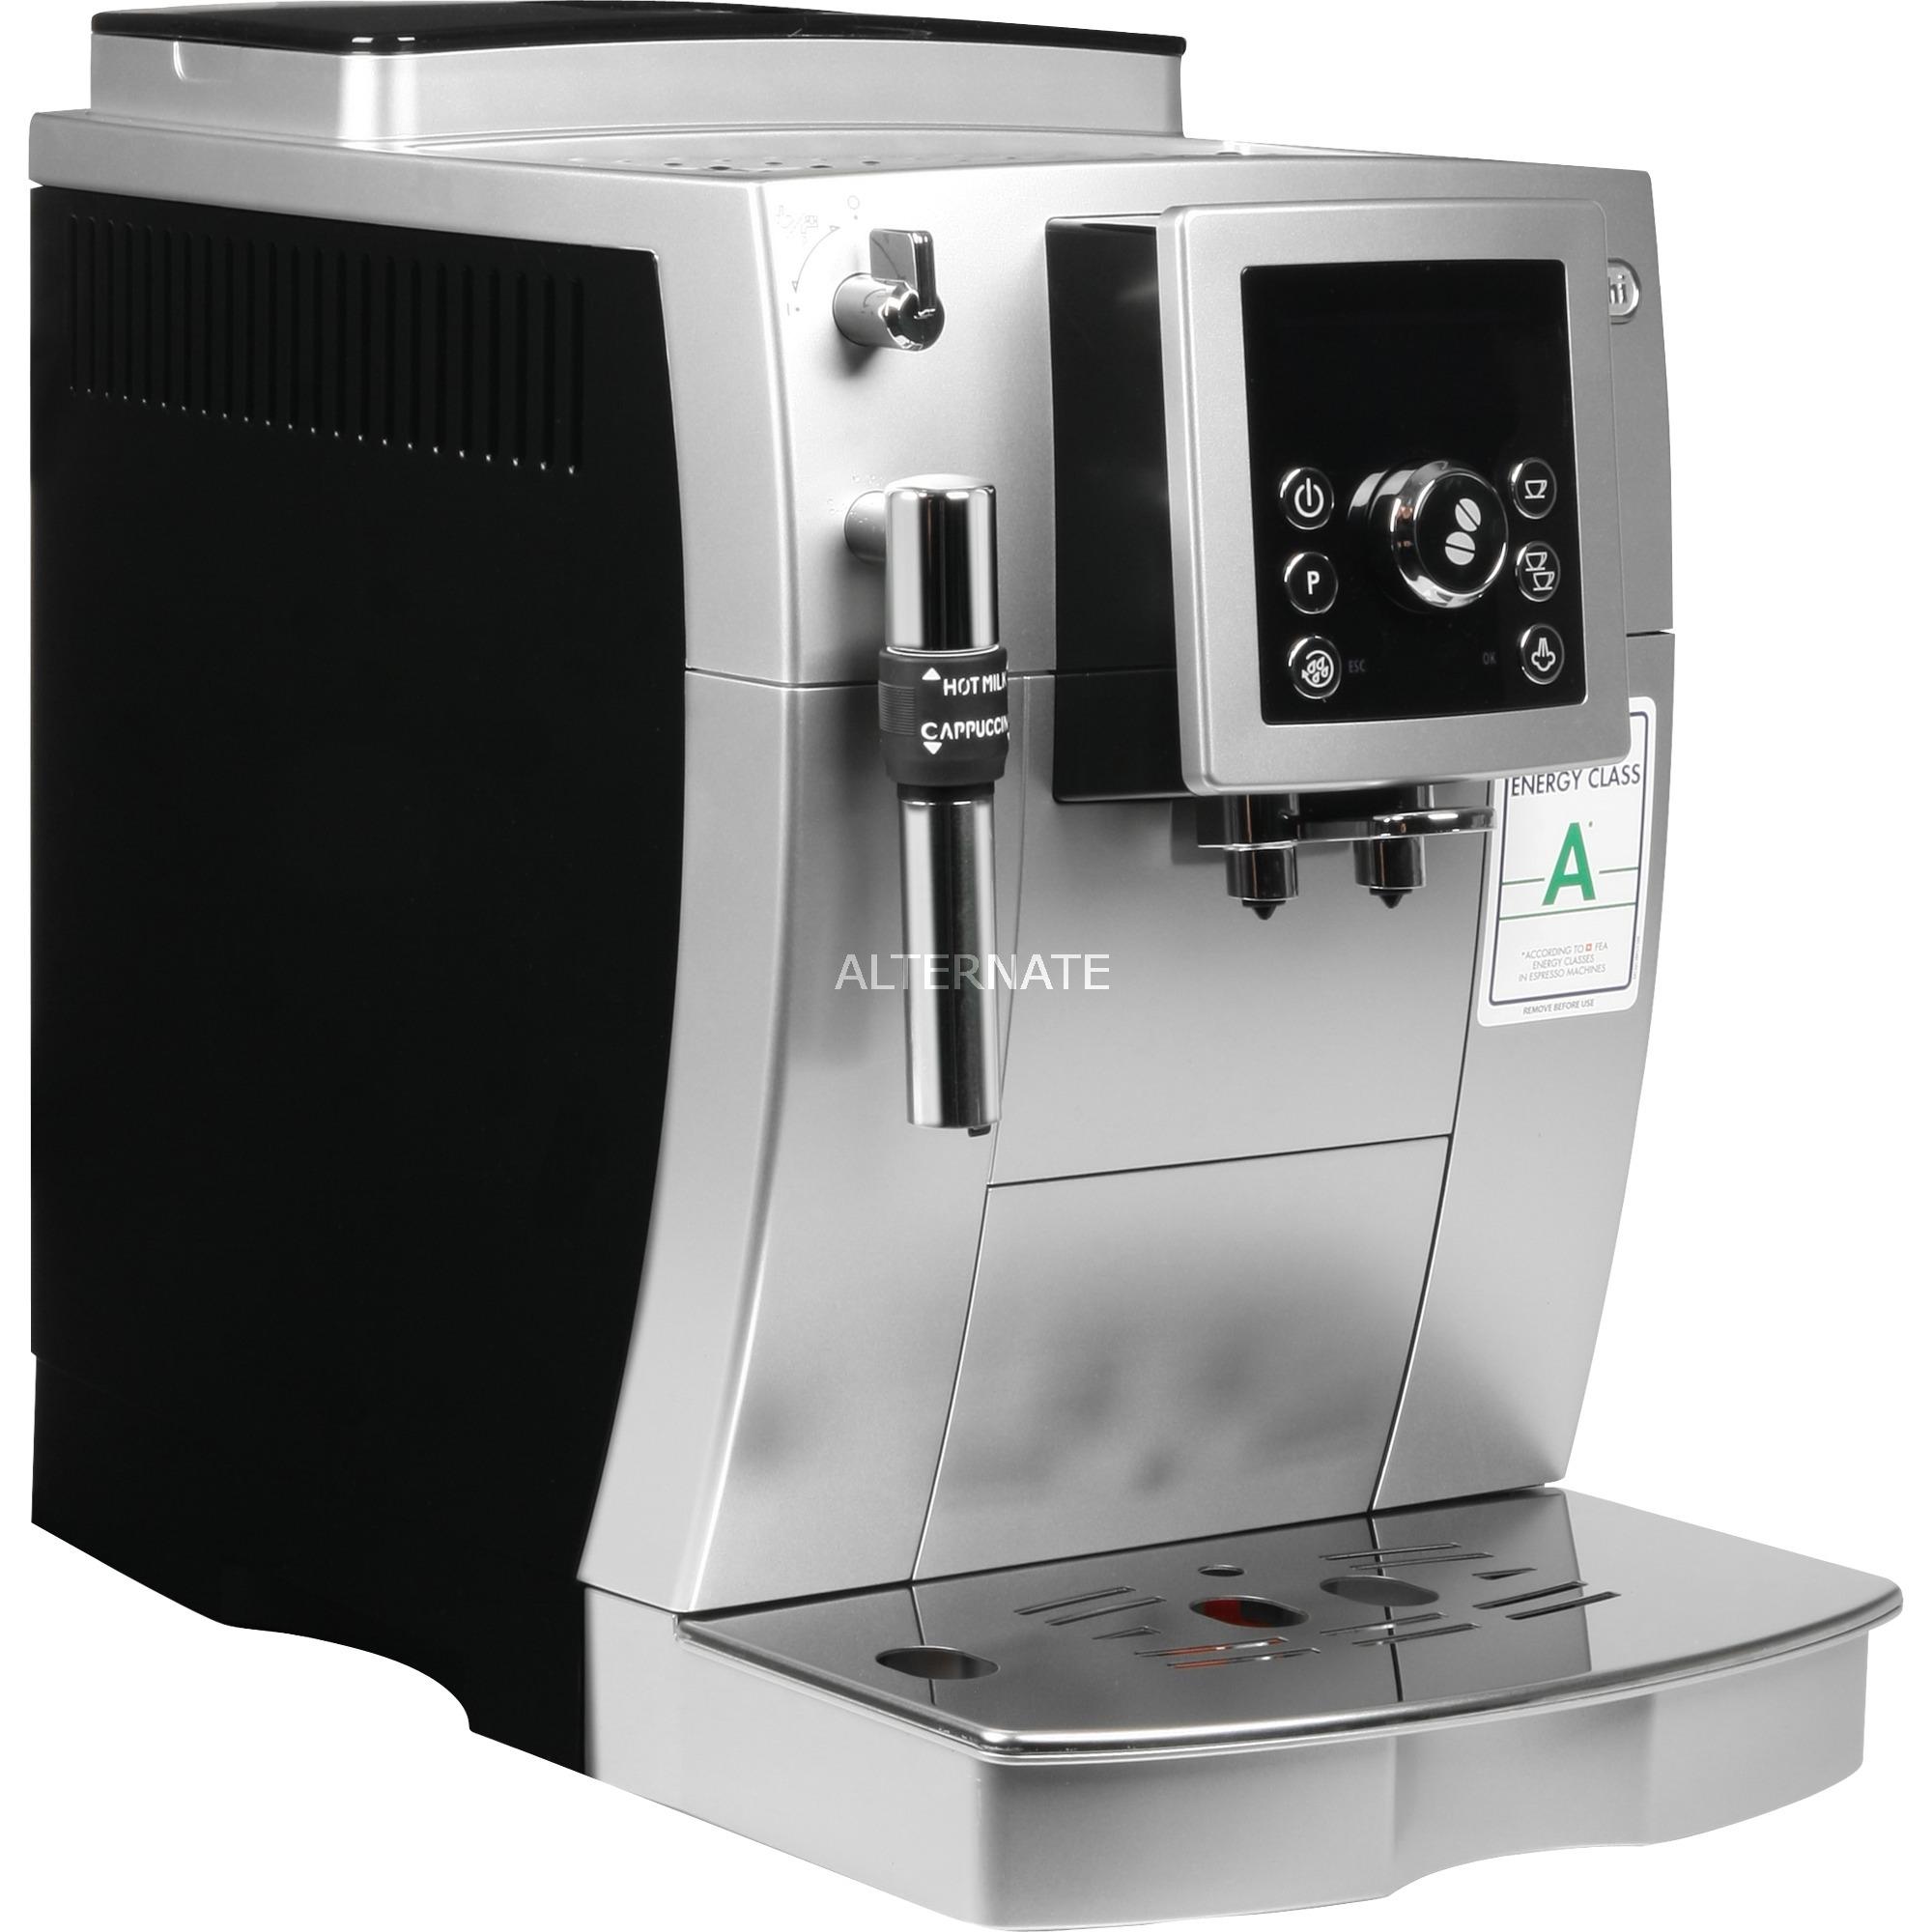 ECAM 23.420.SB Máquina espresso 1.8L 2tazas Negro, Plata cafetera eléctrica, Superautomática